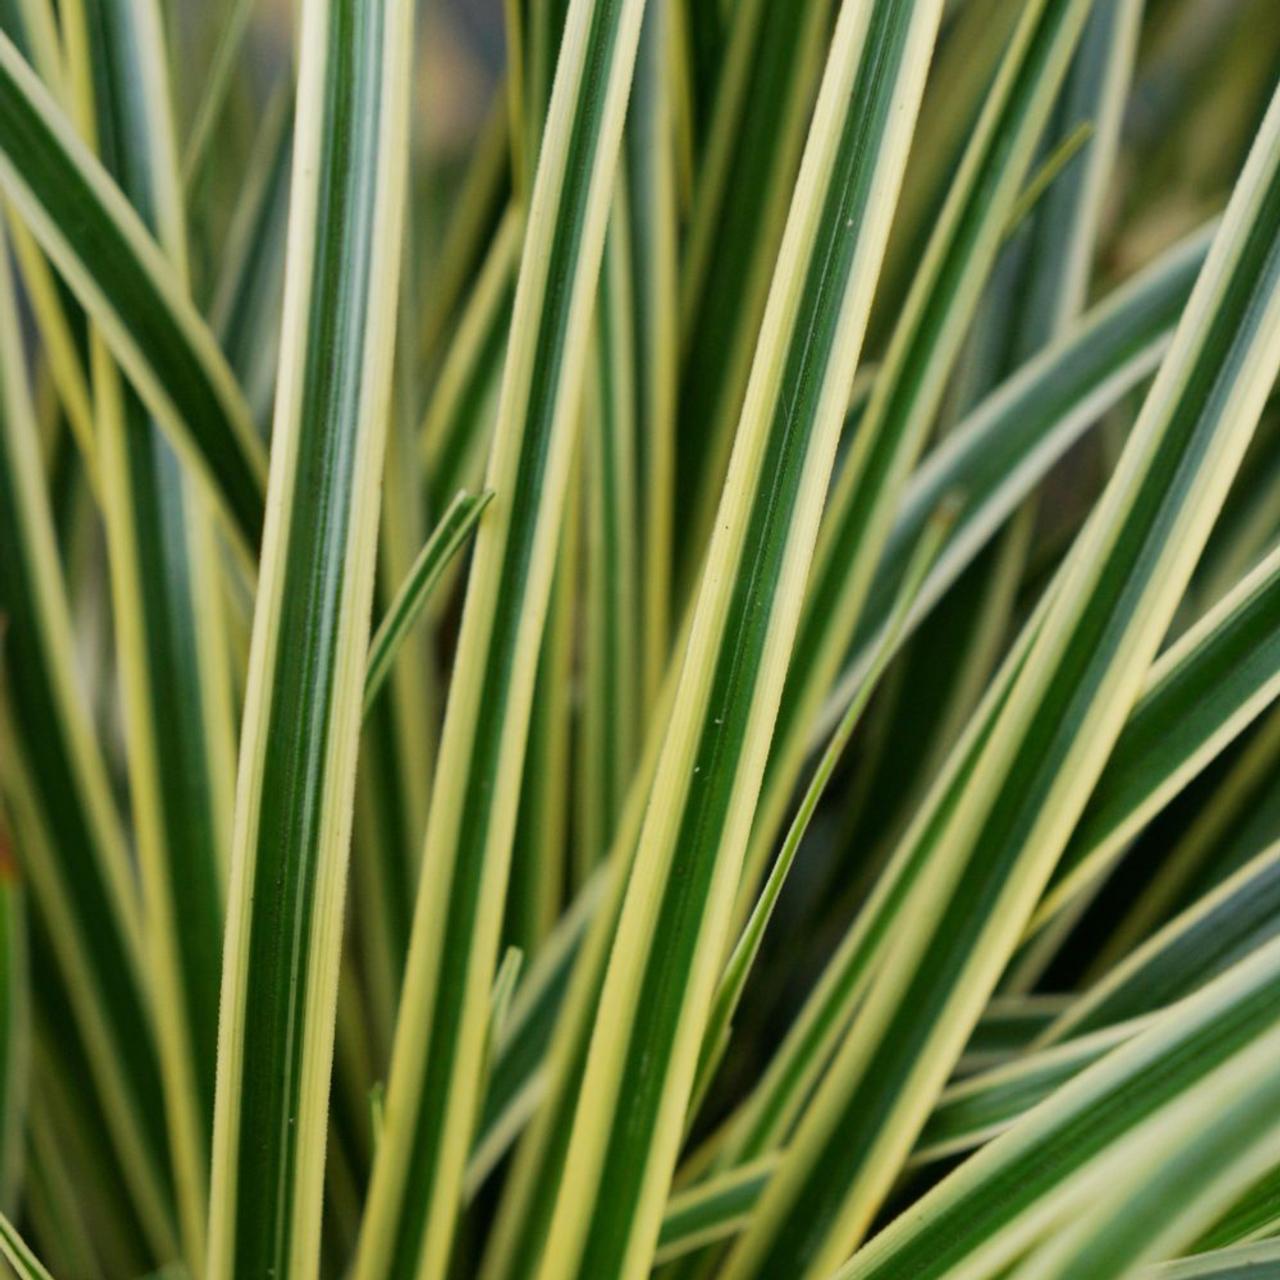 Carex oshimensis 'Evercream' plant